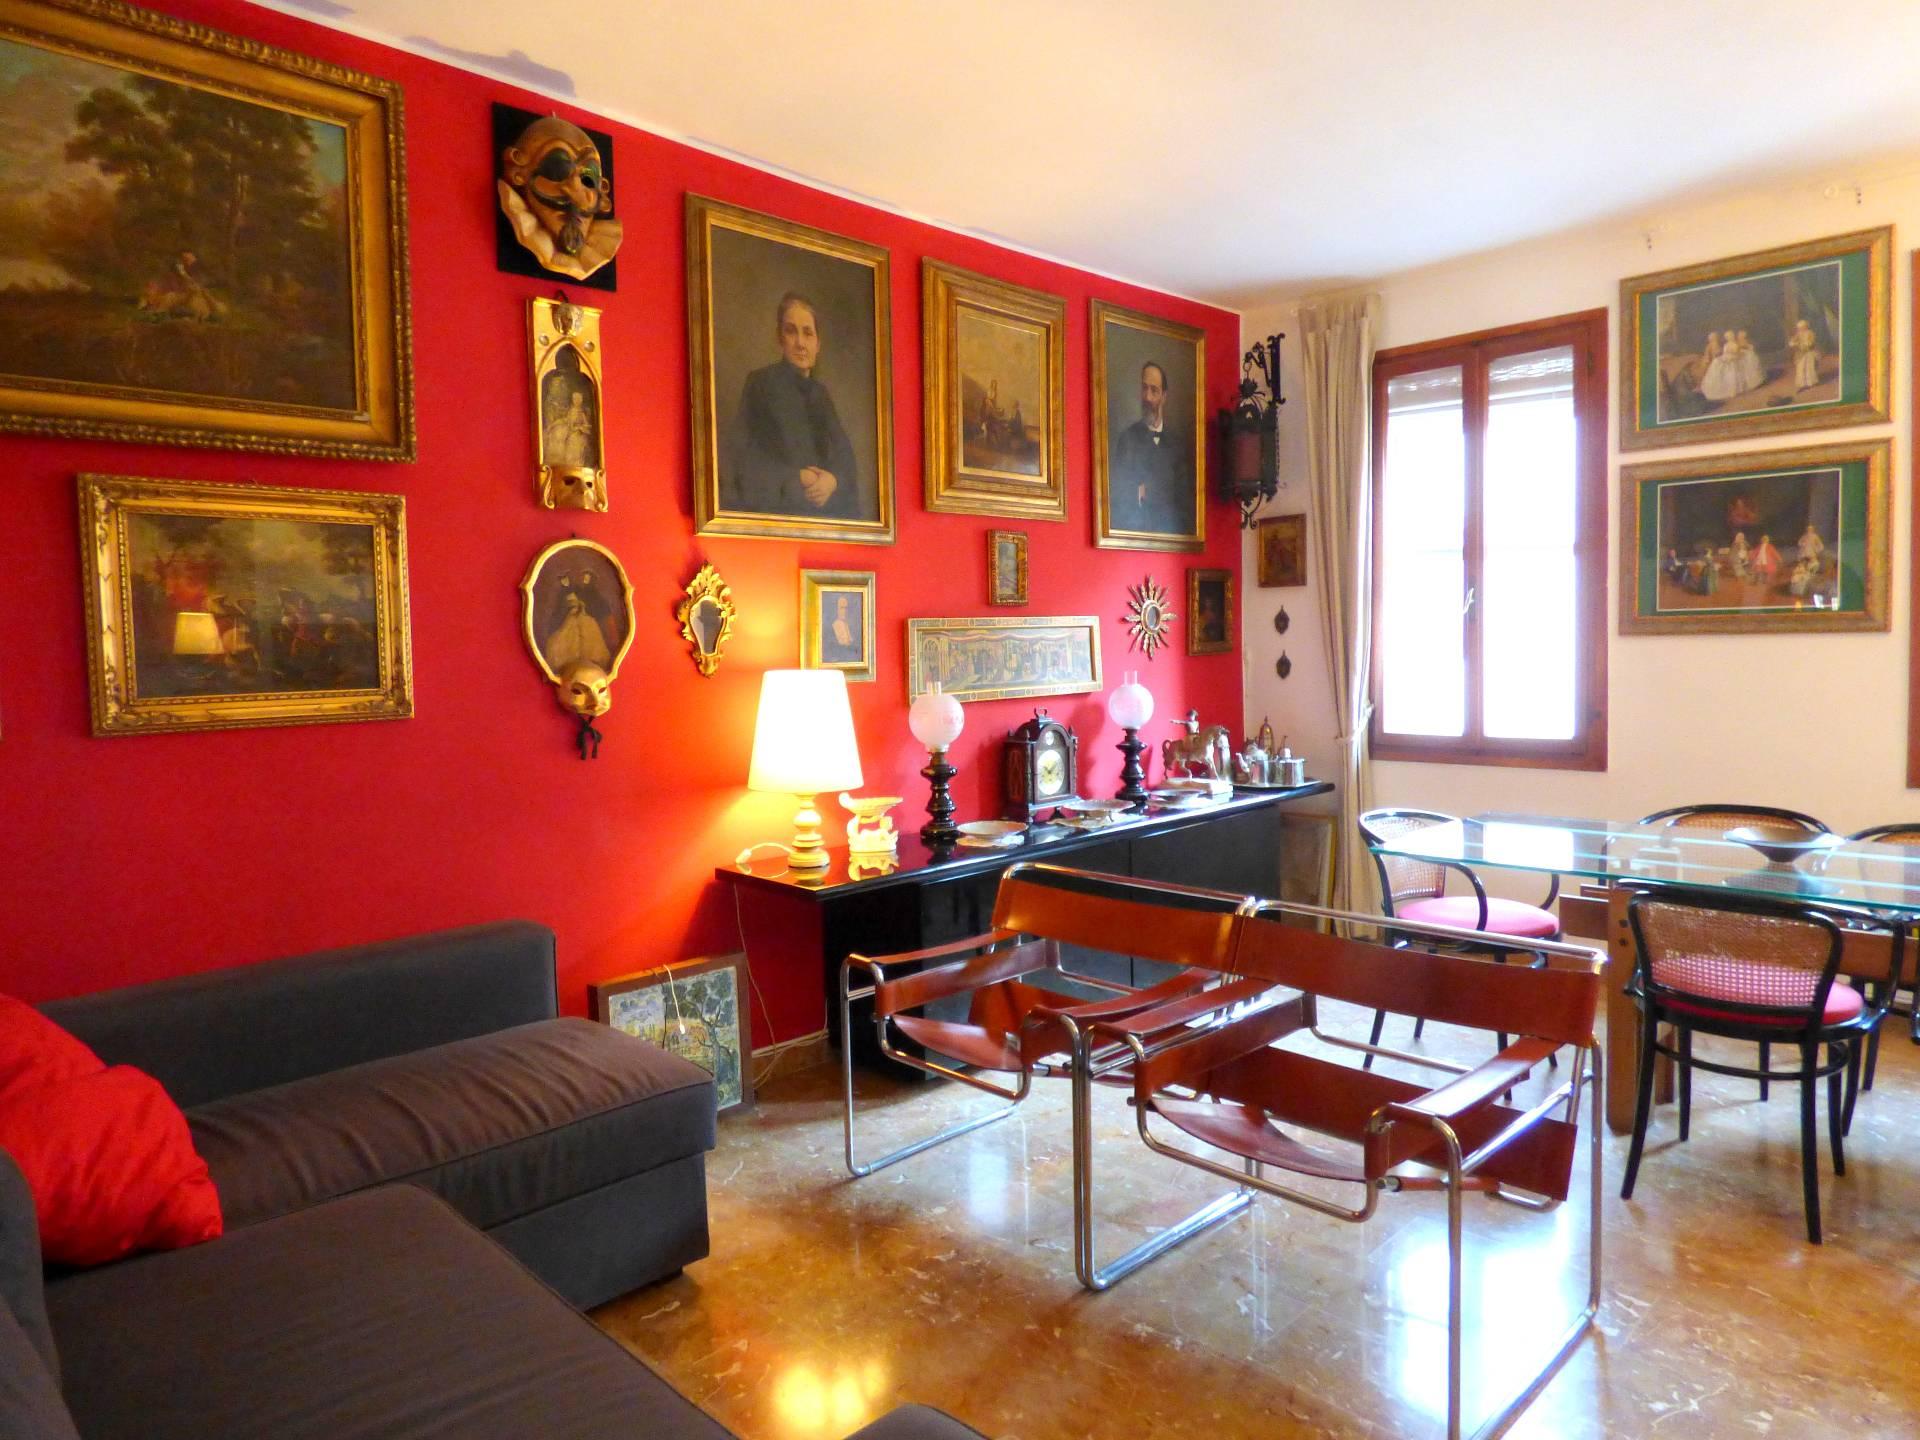 Appartamento in vendita a Venezia, 3 locali, zona Zona: 3 . Cannaregio, prezzo € 295.000 | Cambio Casa.it